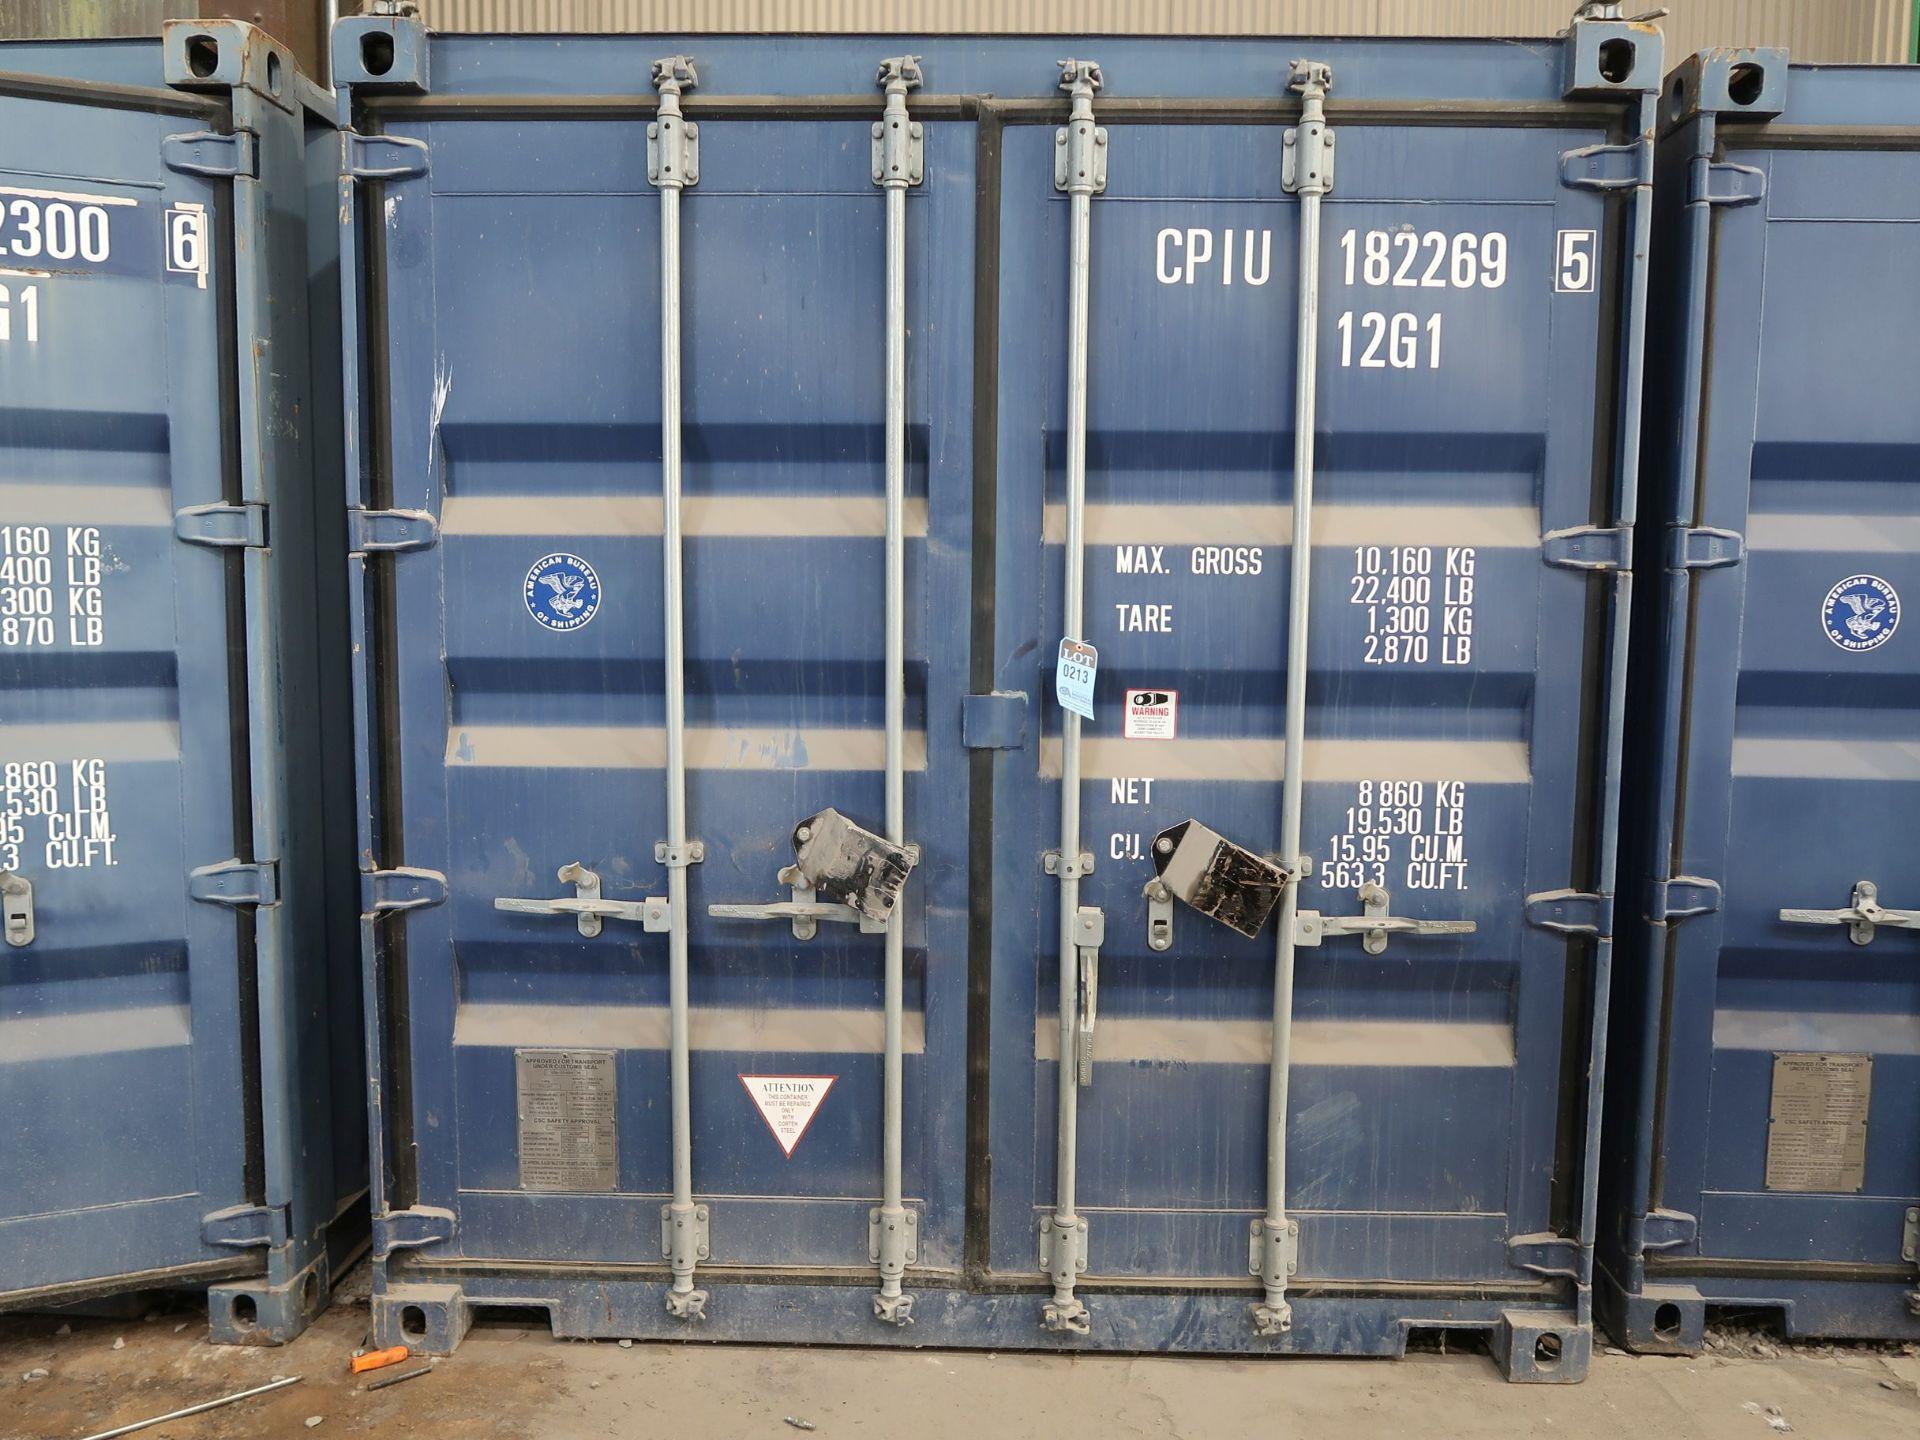 """Lot 213 - 96"""" X 118"""" X 102"""" X 563 CU. FT. CONEX STORAGE CONTAINER WITH STANDARD DOOR"""